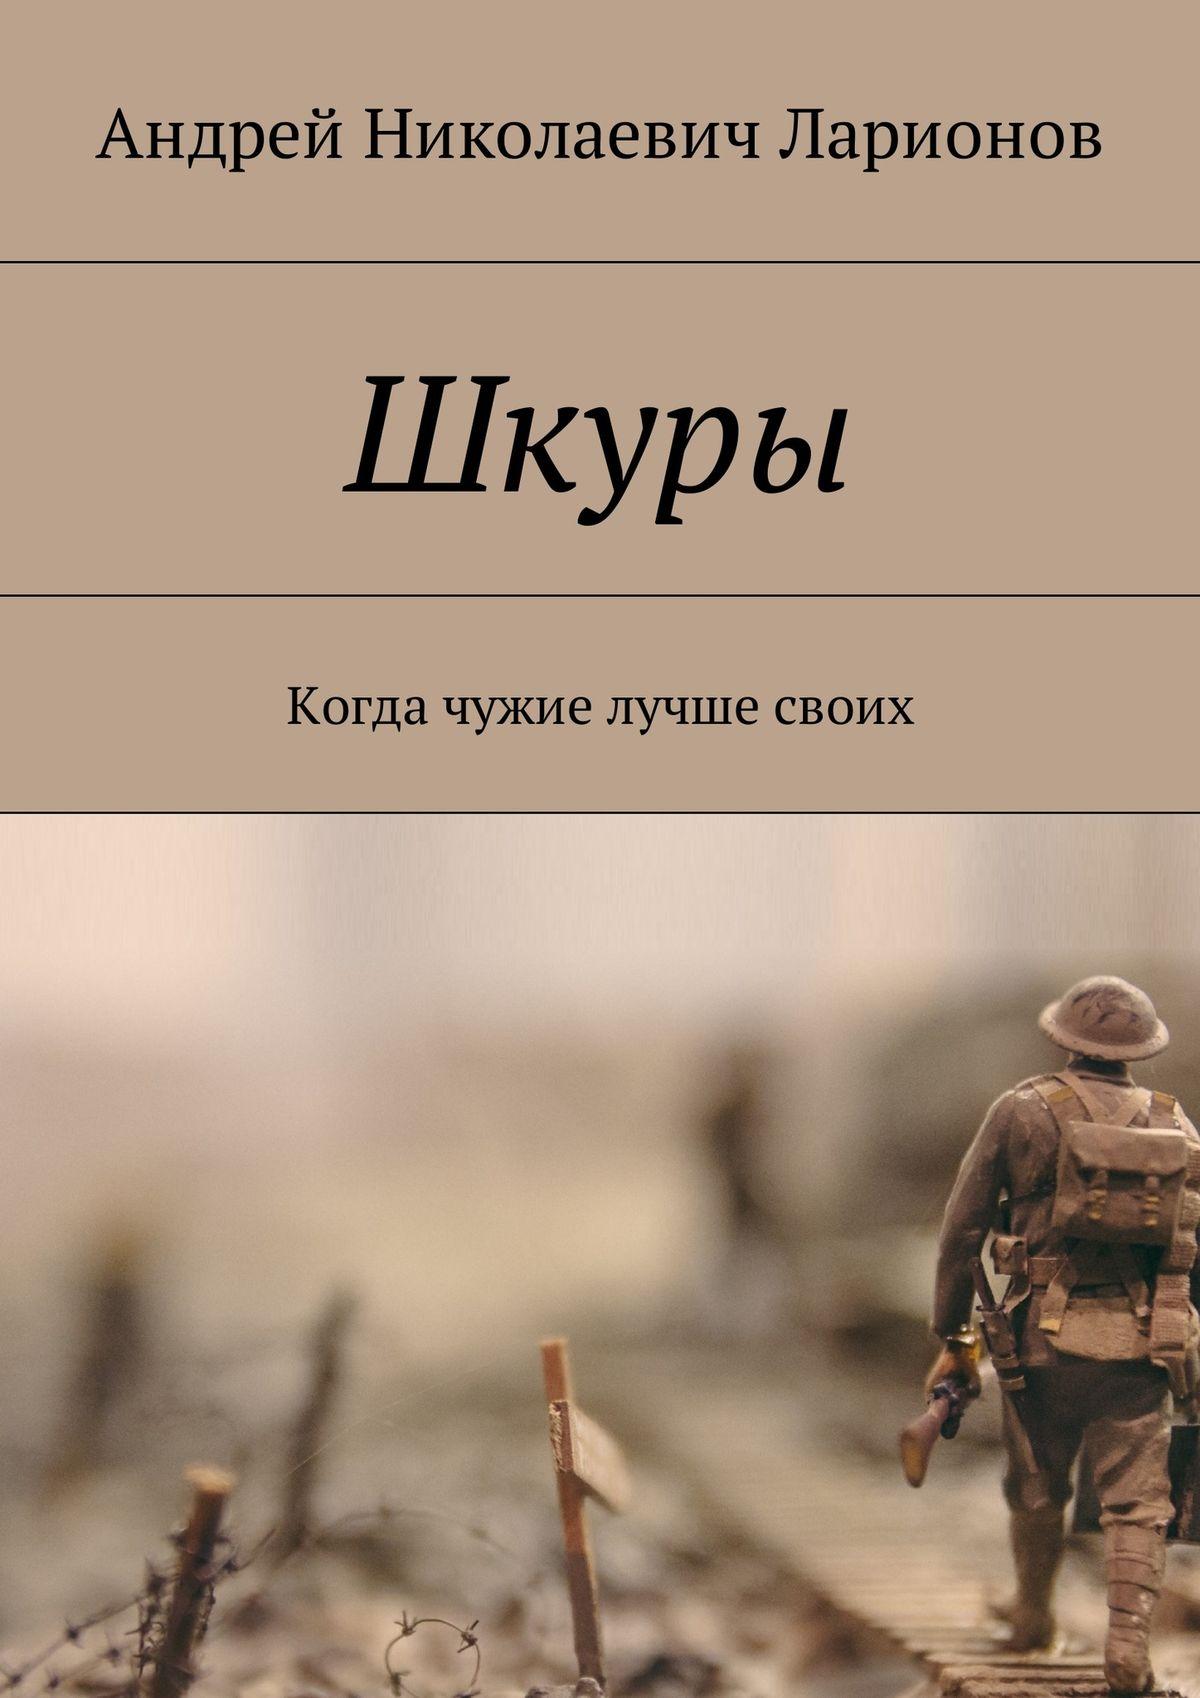 Андрей Николаевич Ларионов Шкуры. Когда чужие лучше своих свои и чужие